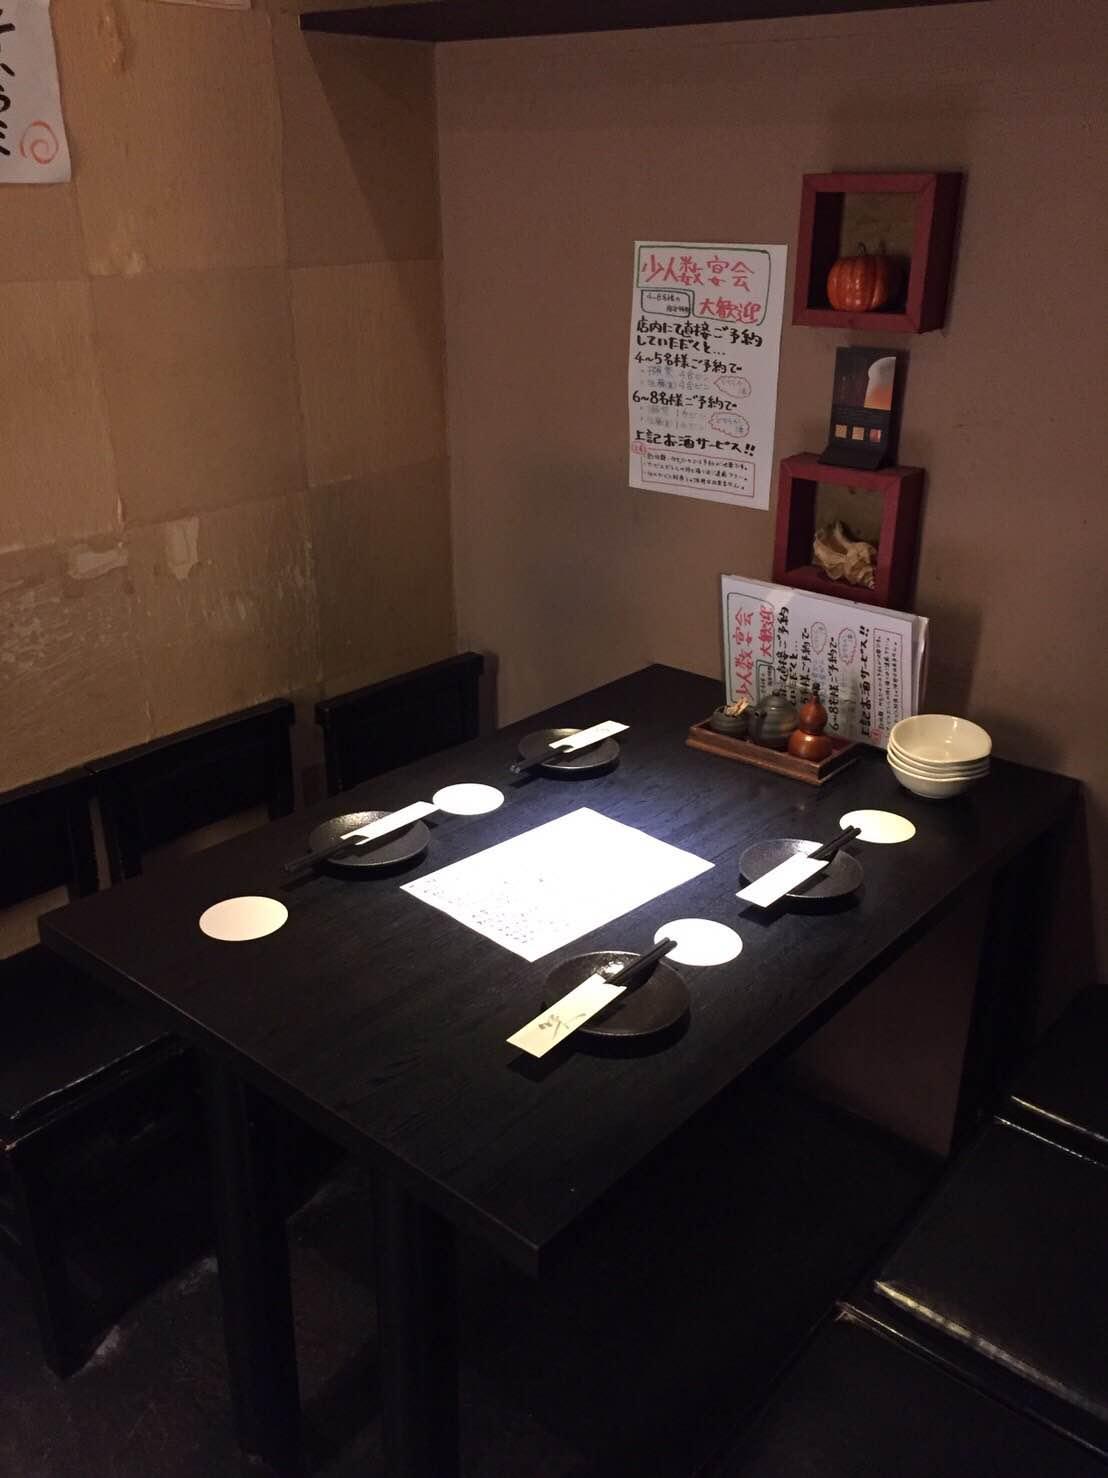 梅田駅(大阪メトロ御堂筋線) 居酒屋・バー テイ …